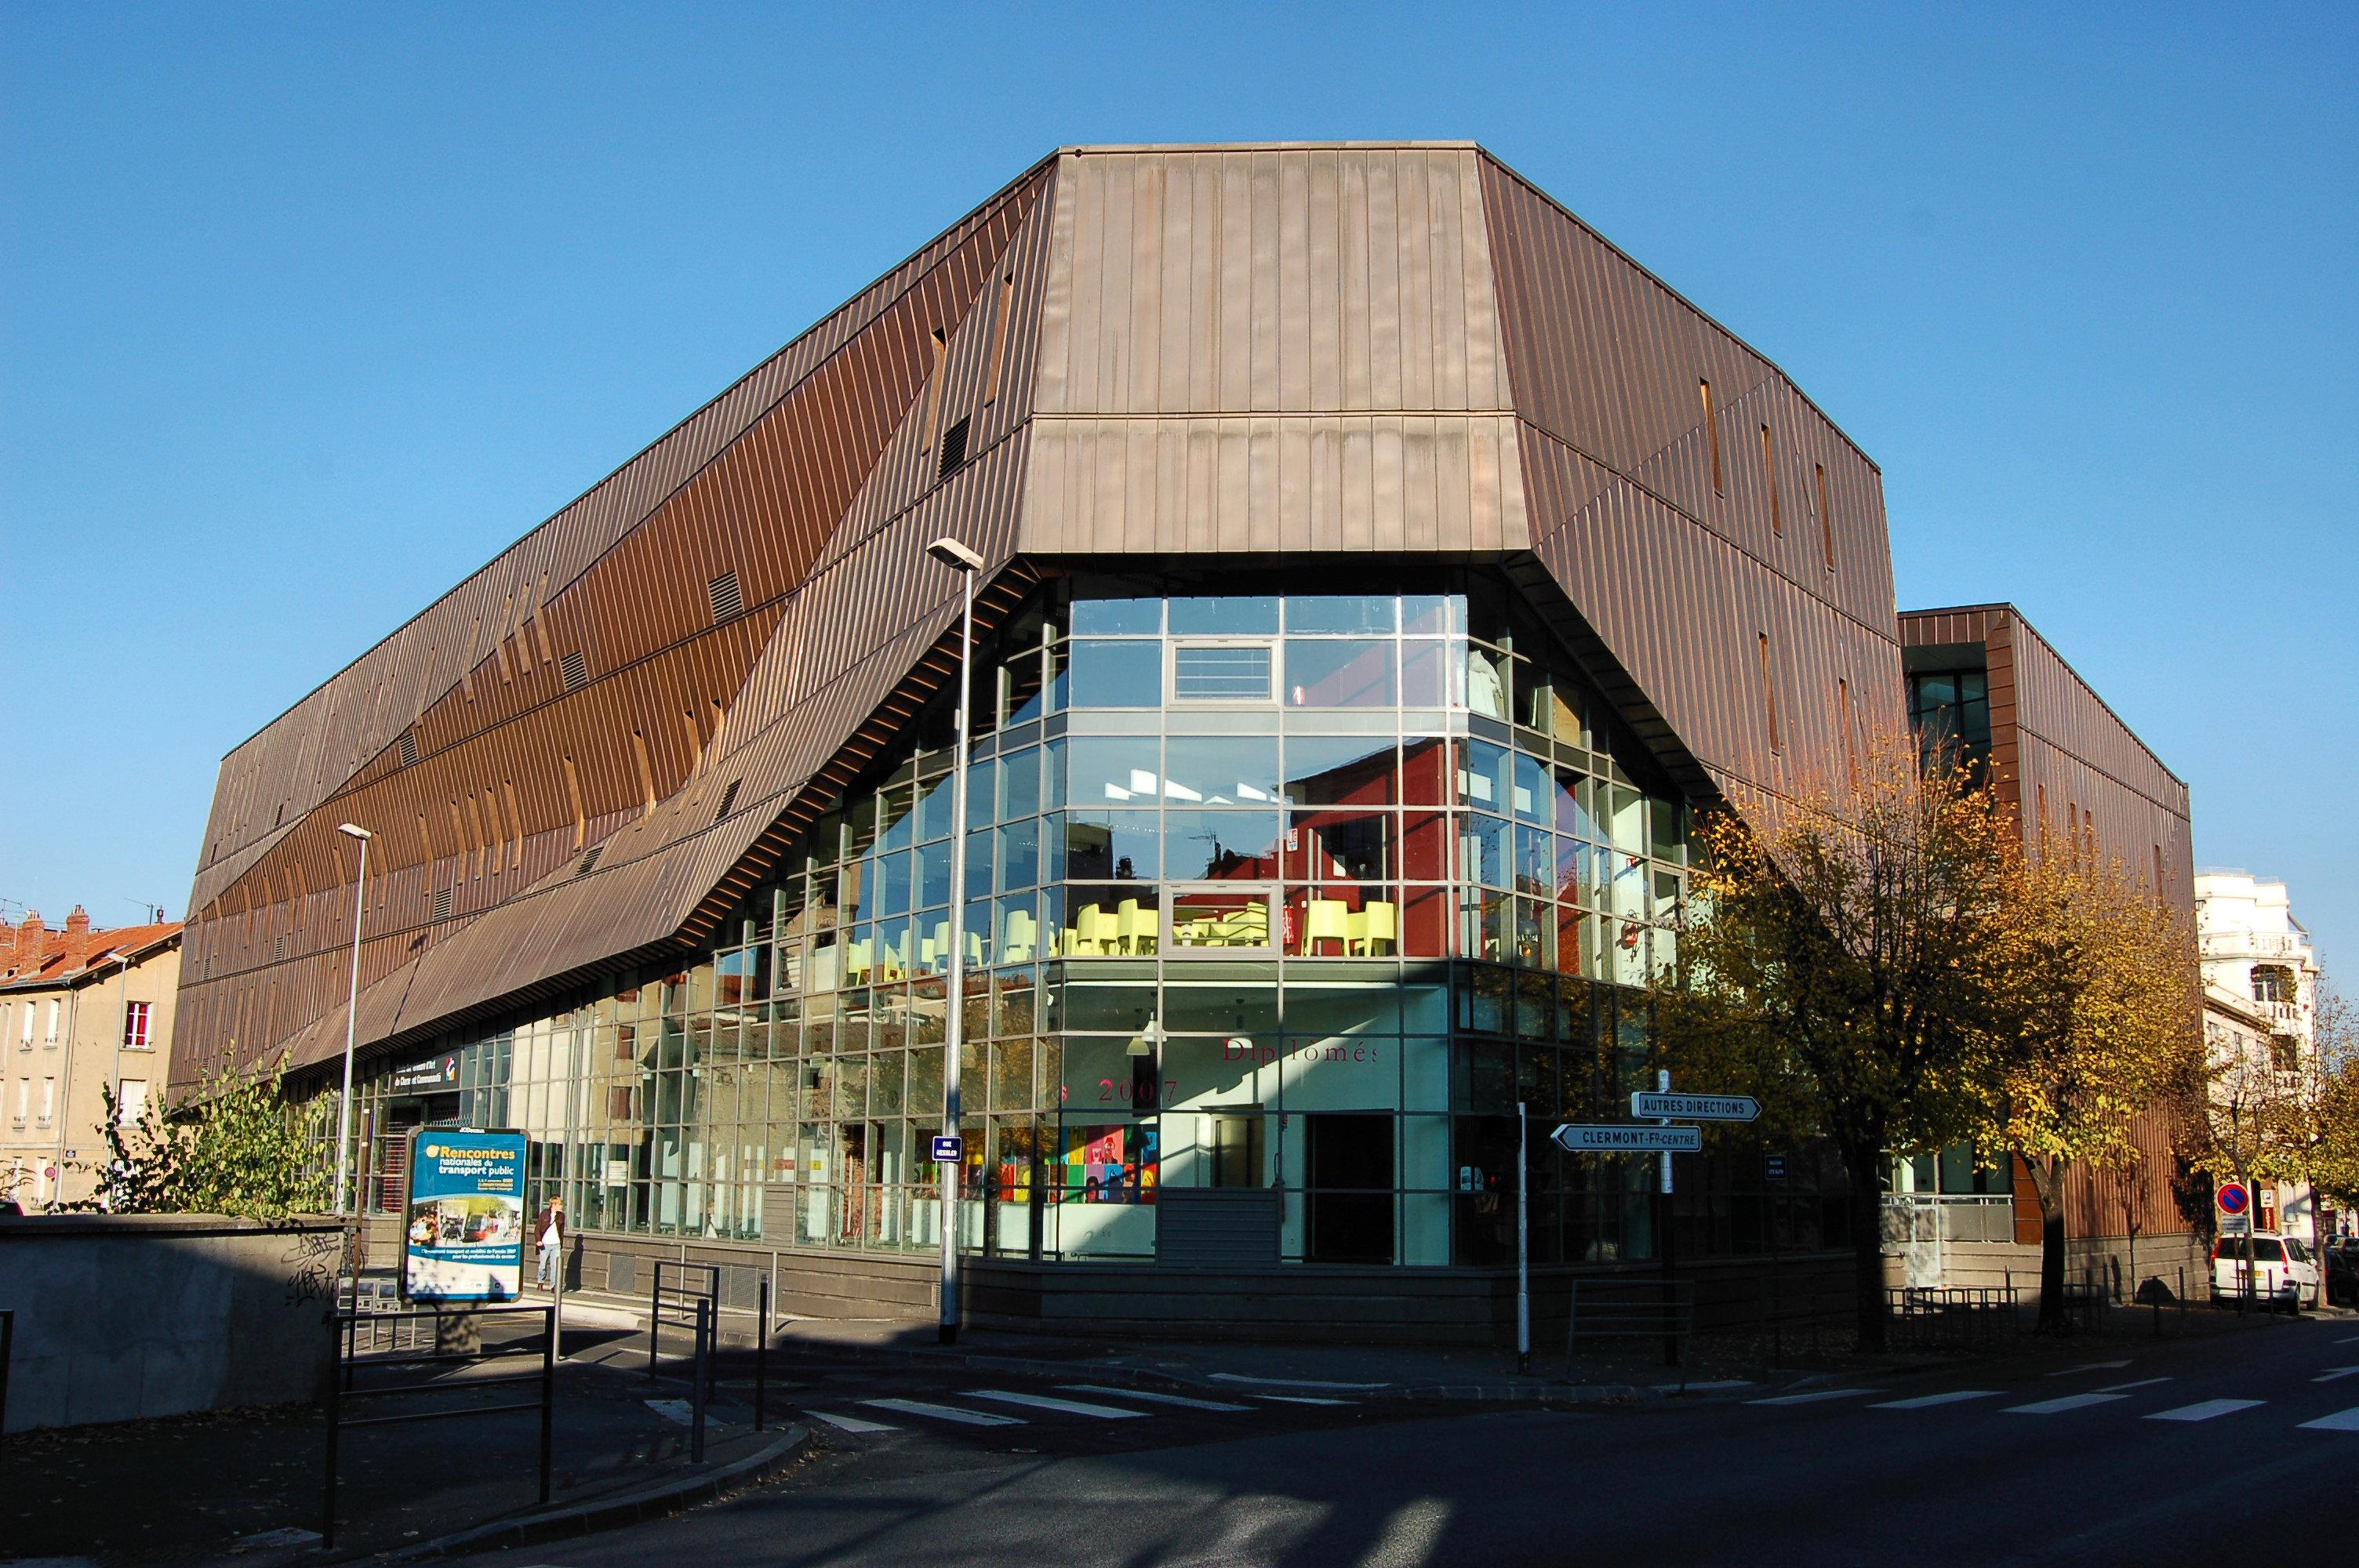 École D Architecture Clermont École supérieure d'art de clermont métropole - wikipedia